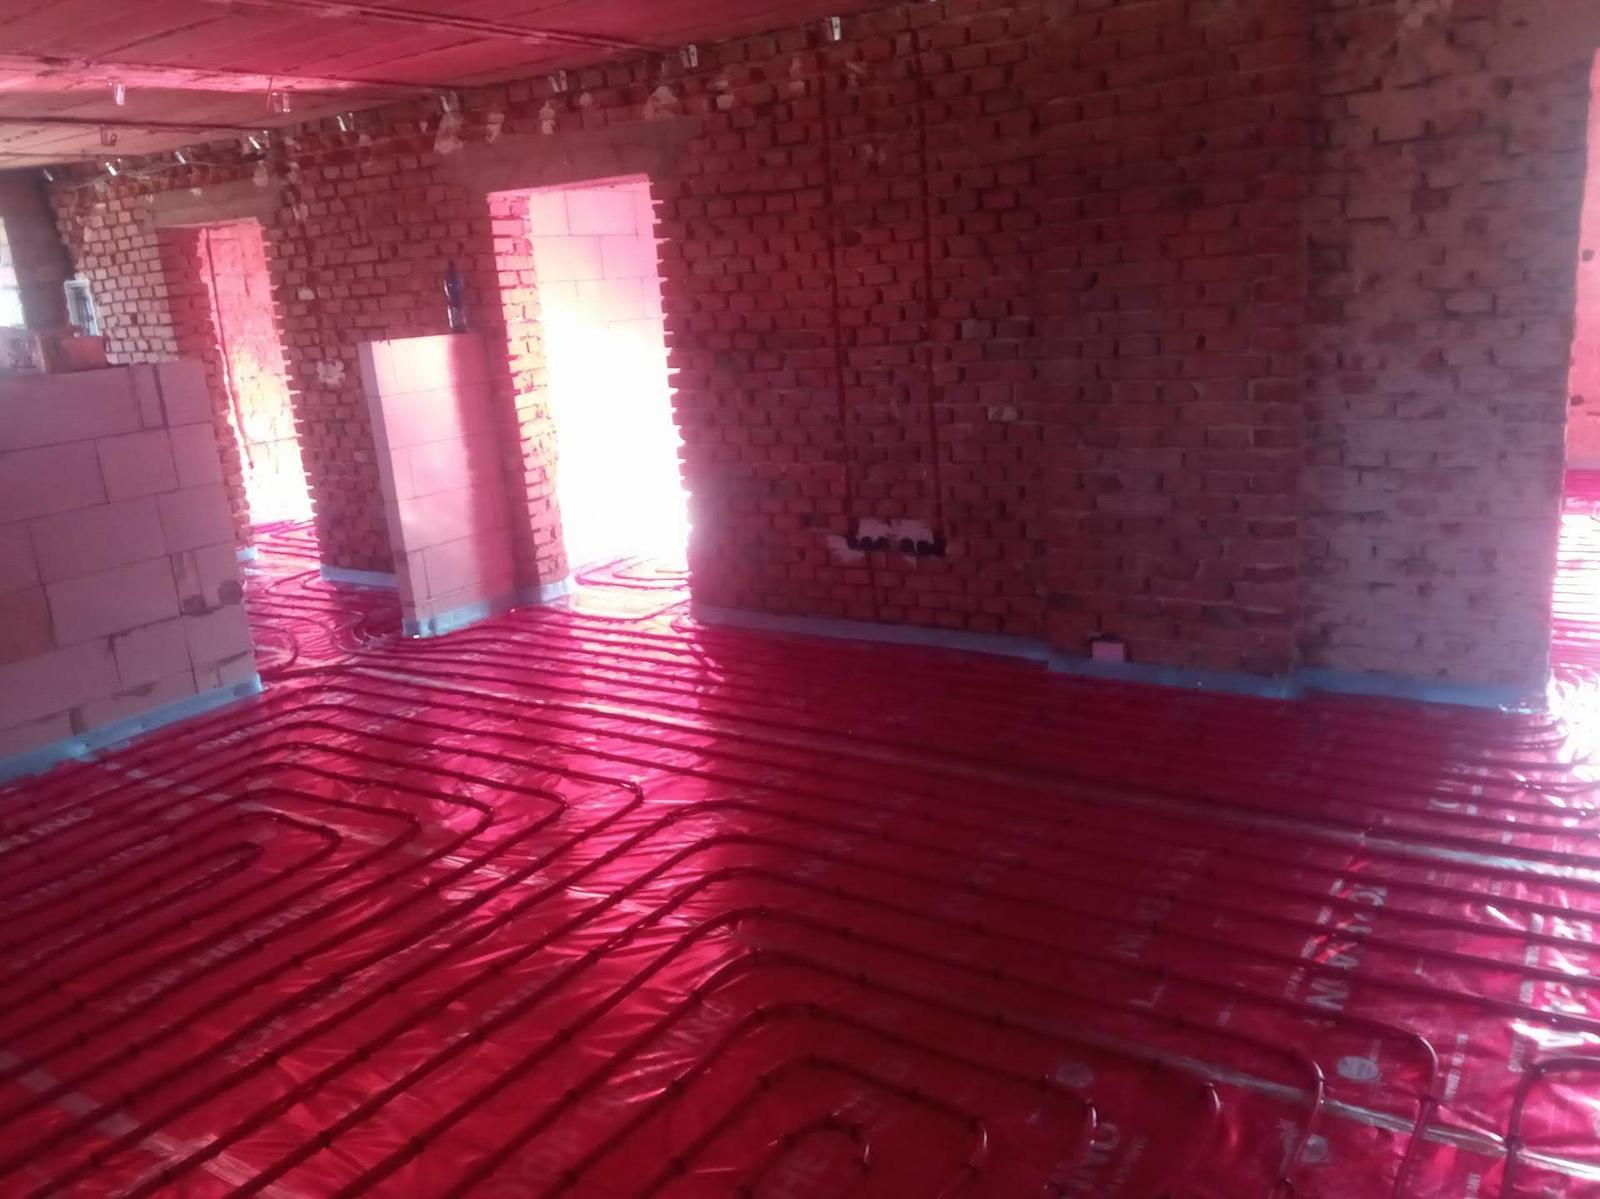 Rekonštrukcia veľmi starej stavby :) - Podlahovka, nové so starým... Pre mňa komický pohľad s tými halabala tehlami.